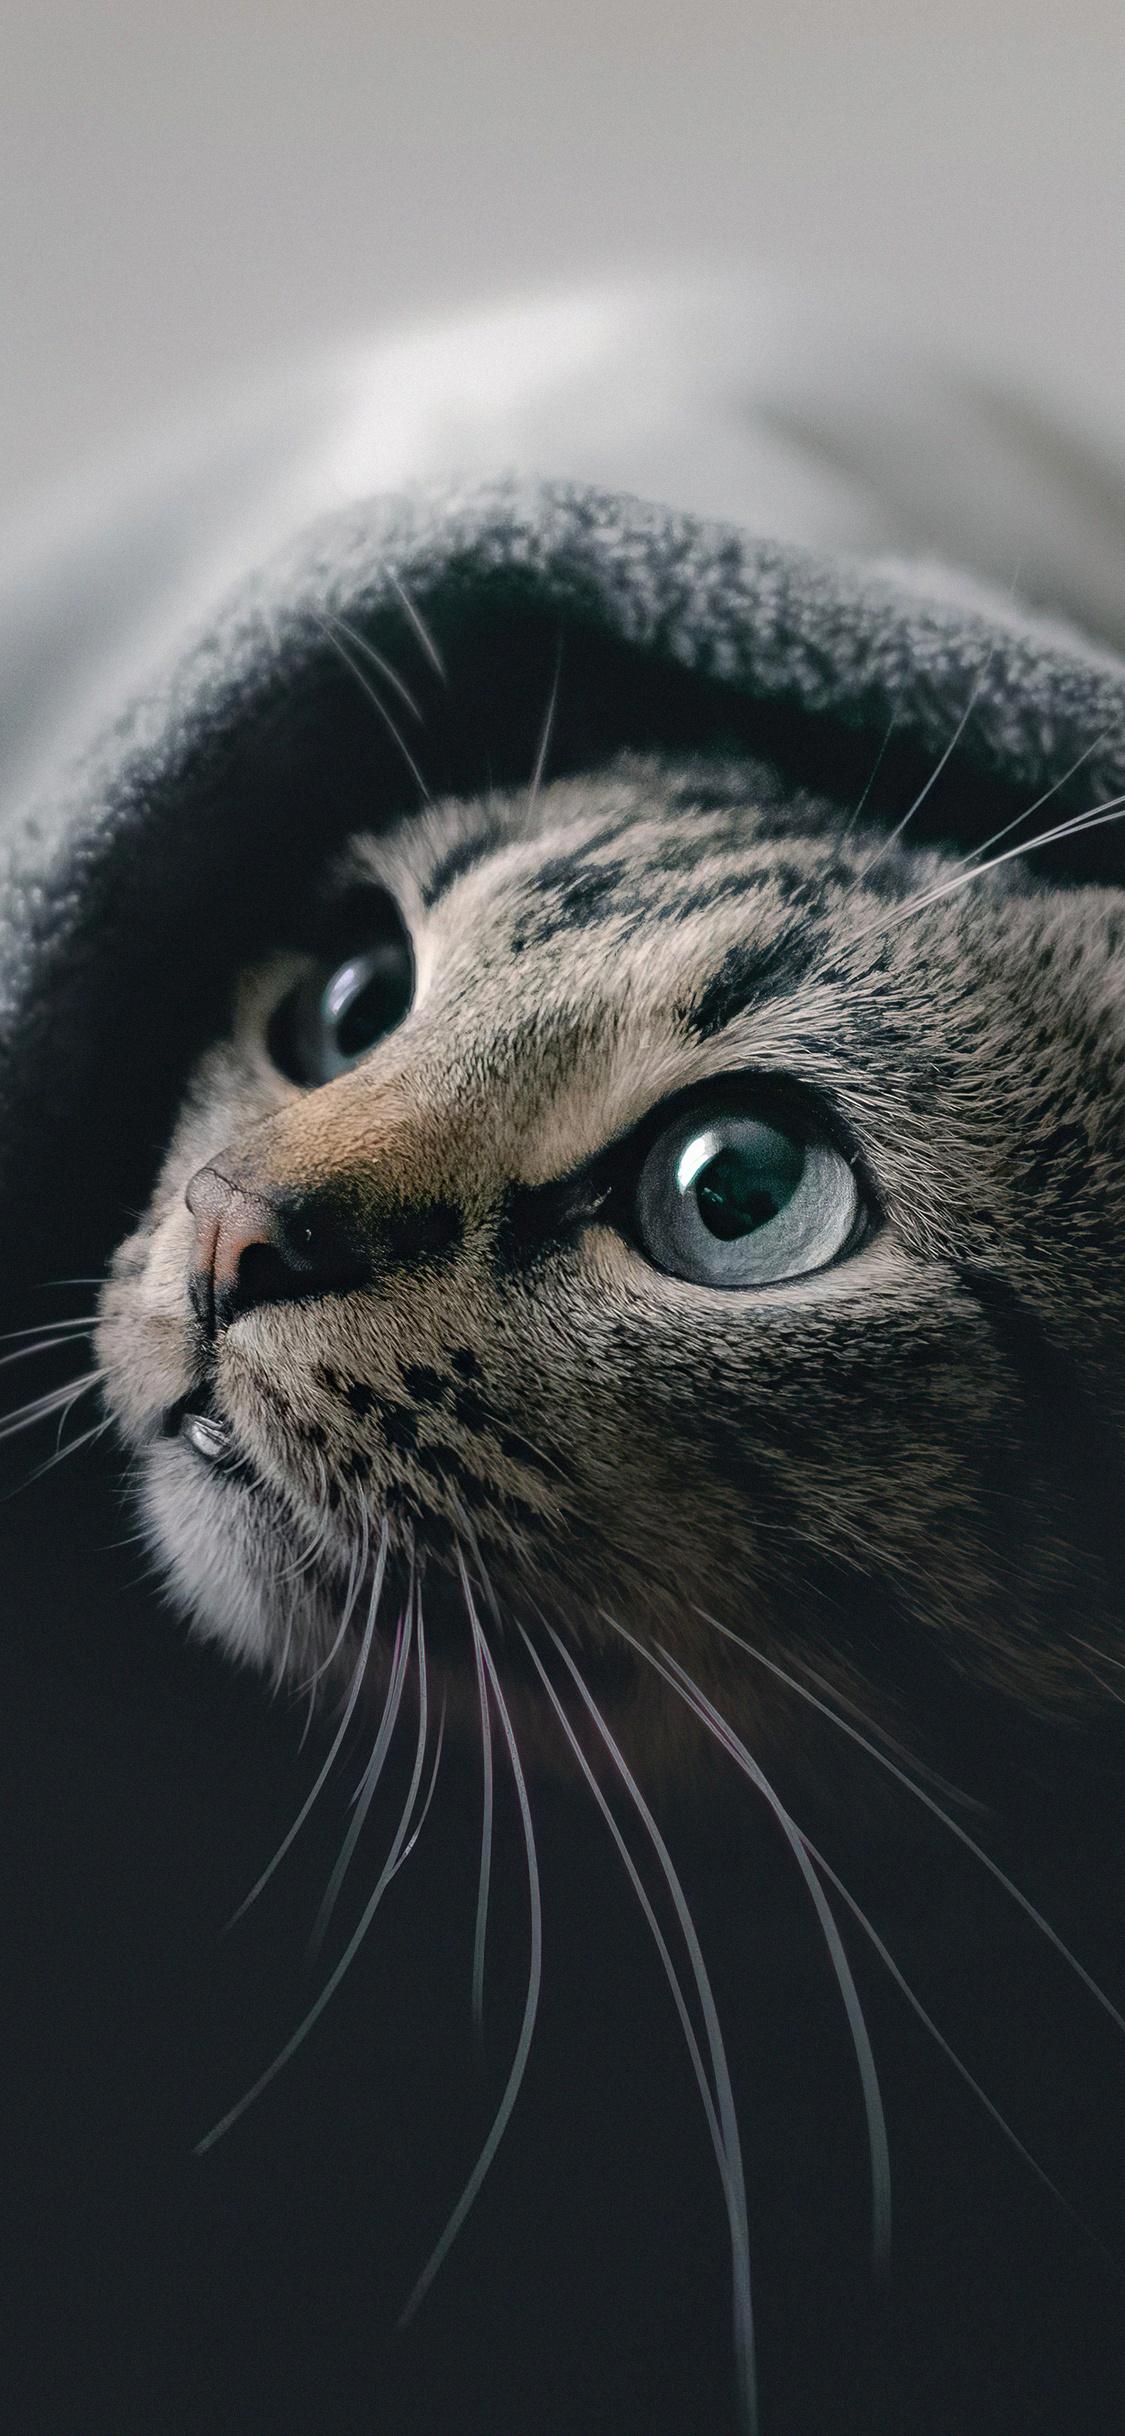 cat-hideout-5k-jy.jpg